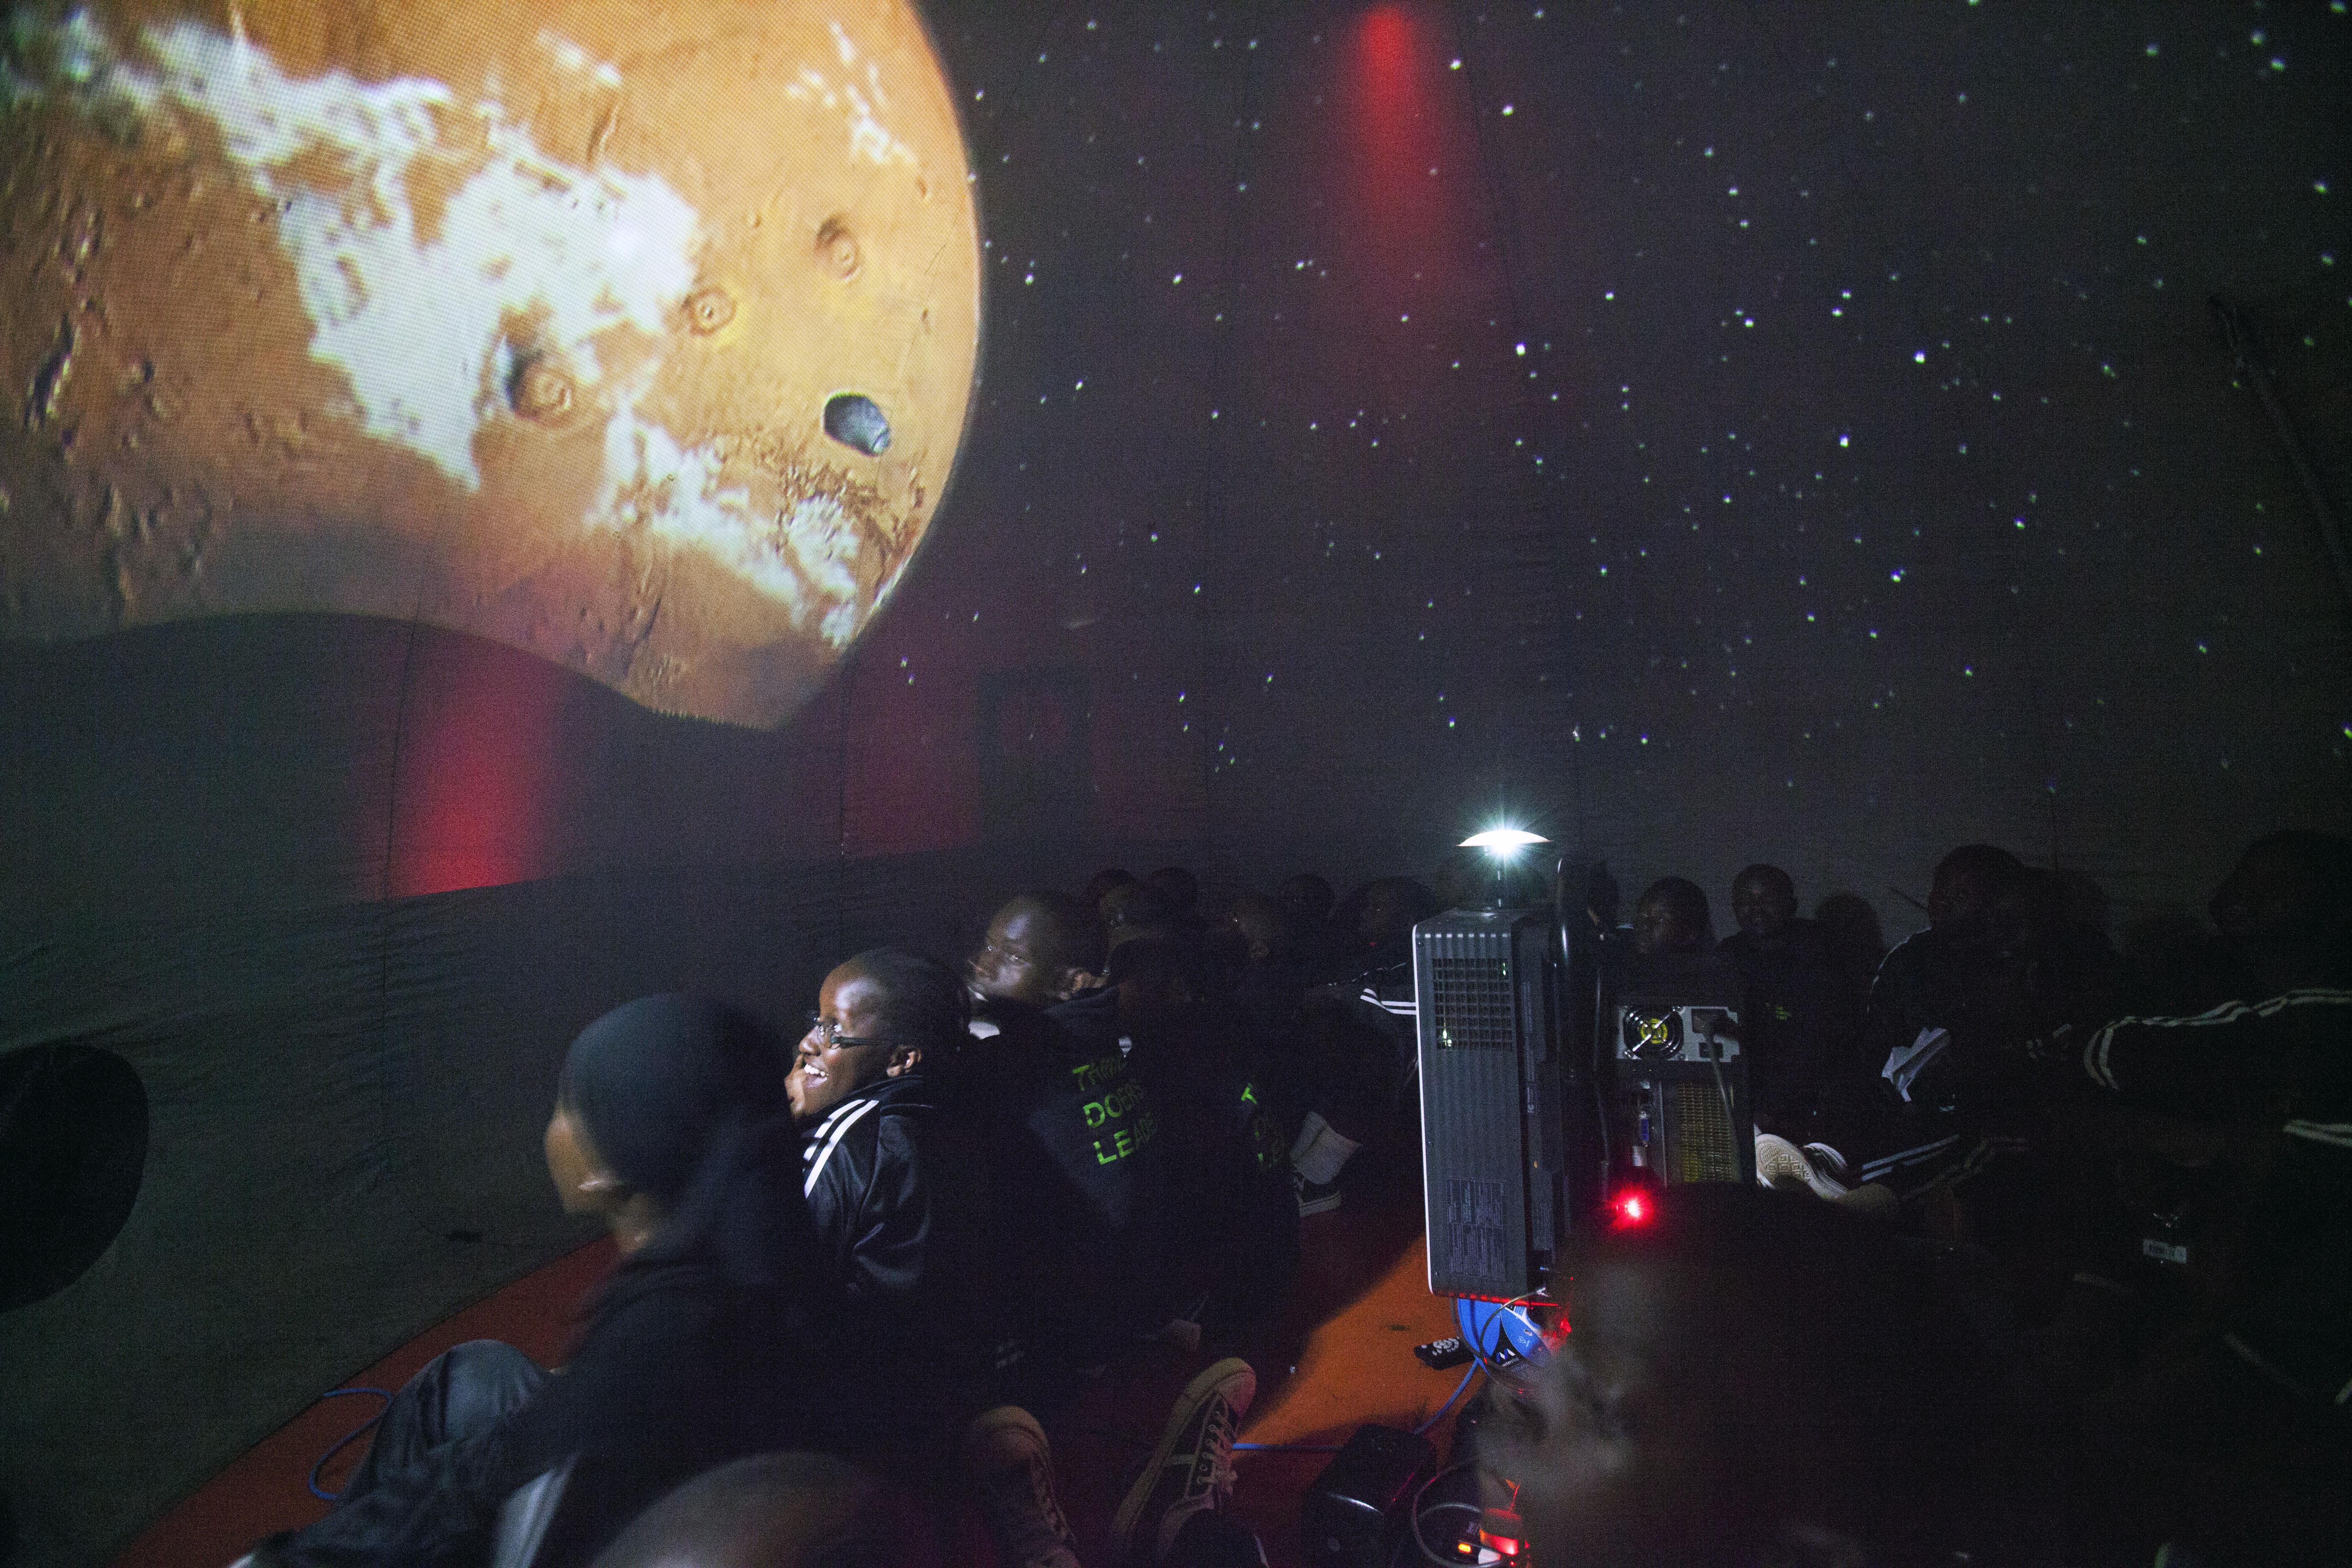 Inside the mobile planetarium